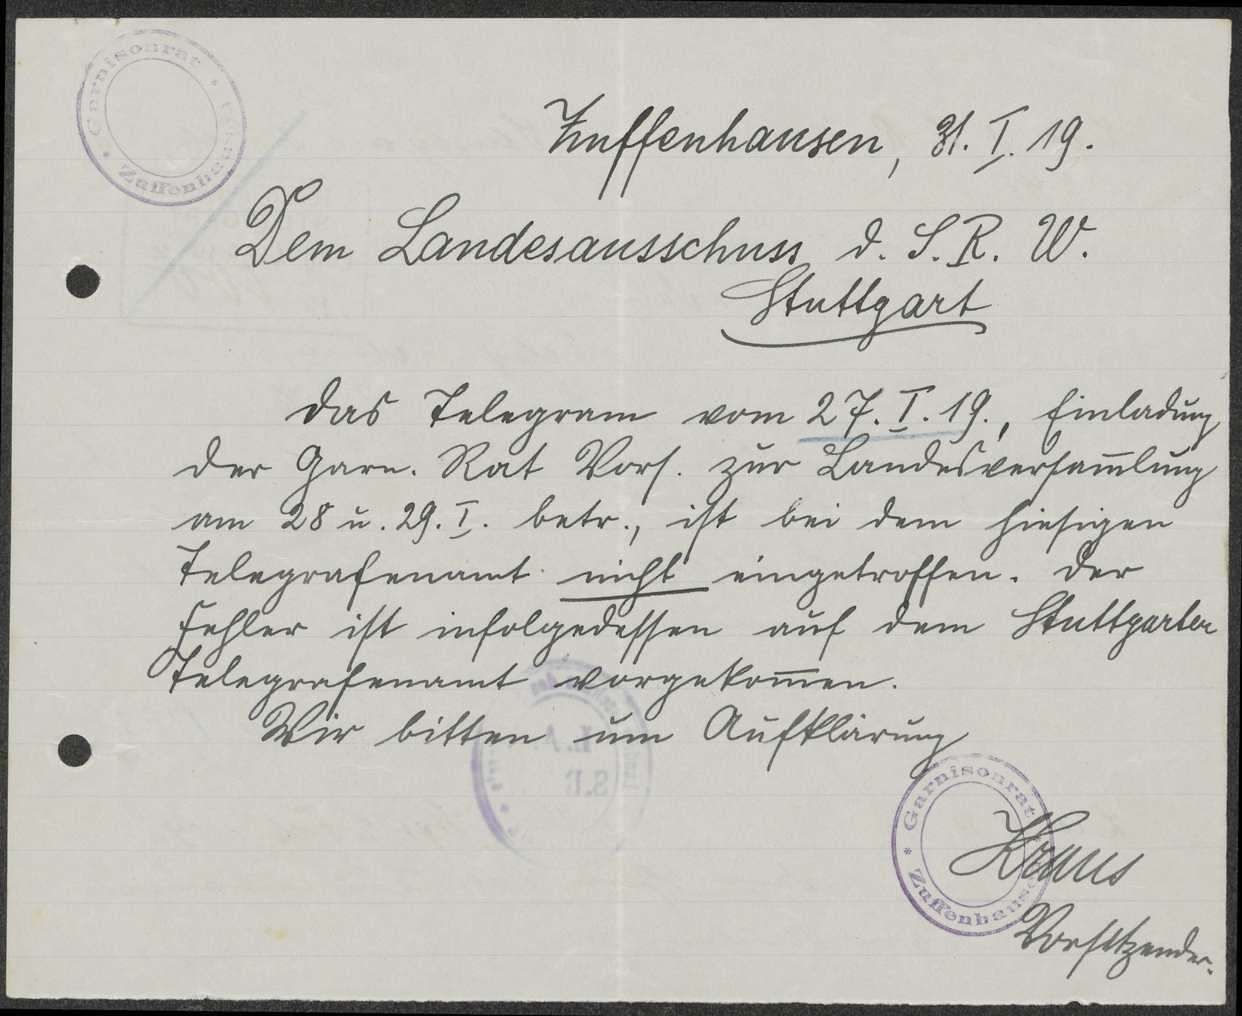 Einladung und Tagesordnung zu Garnisonratsvorsitzenden-Konferenzen, angenommene Anträge, Bild 2